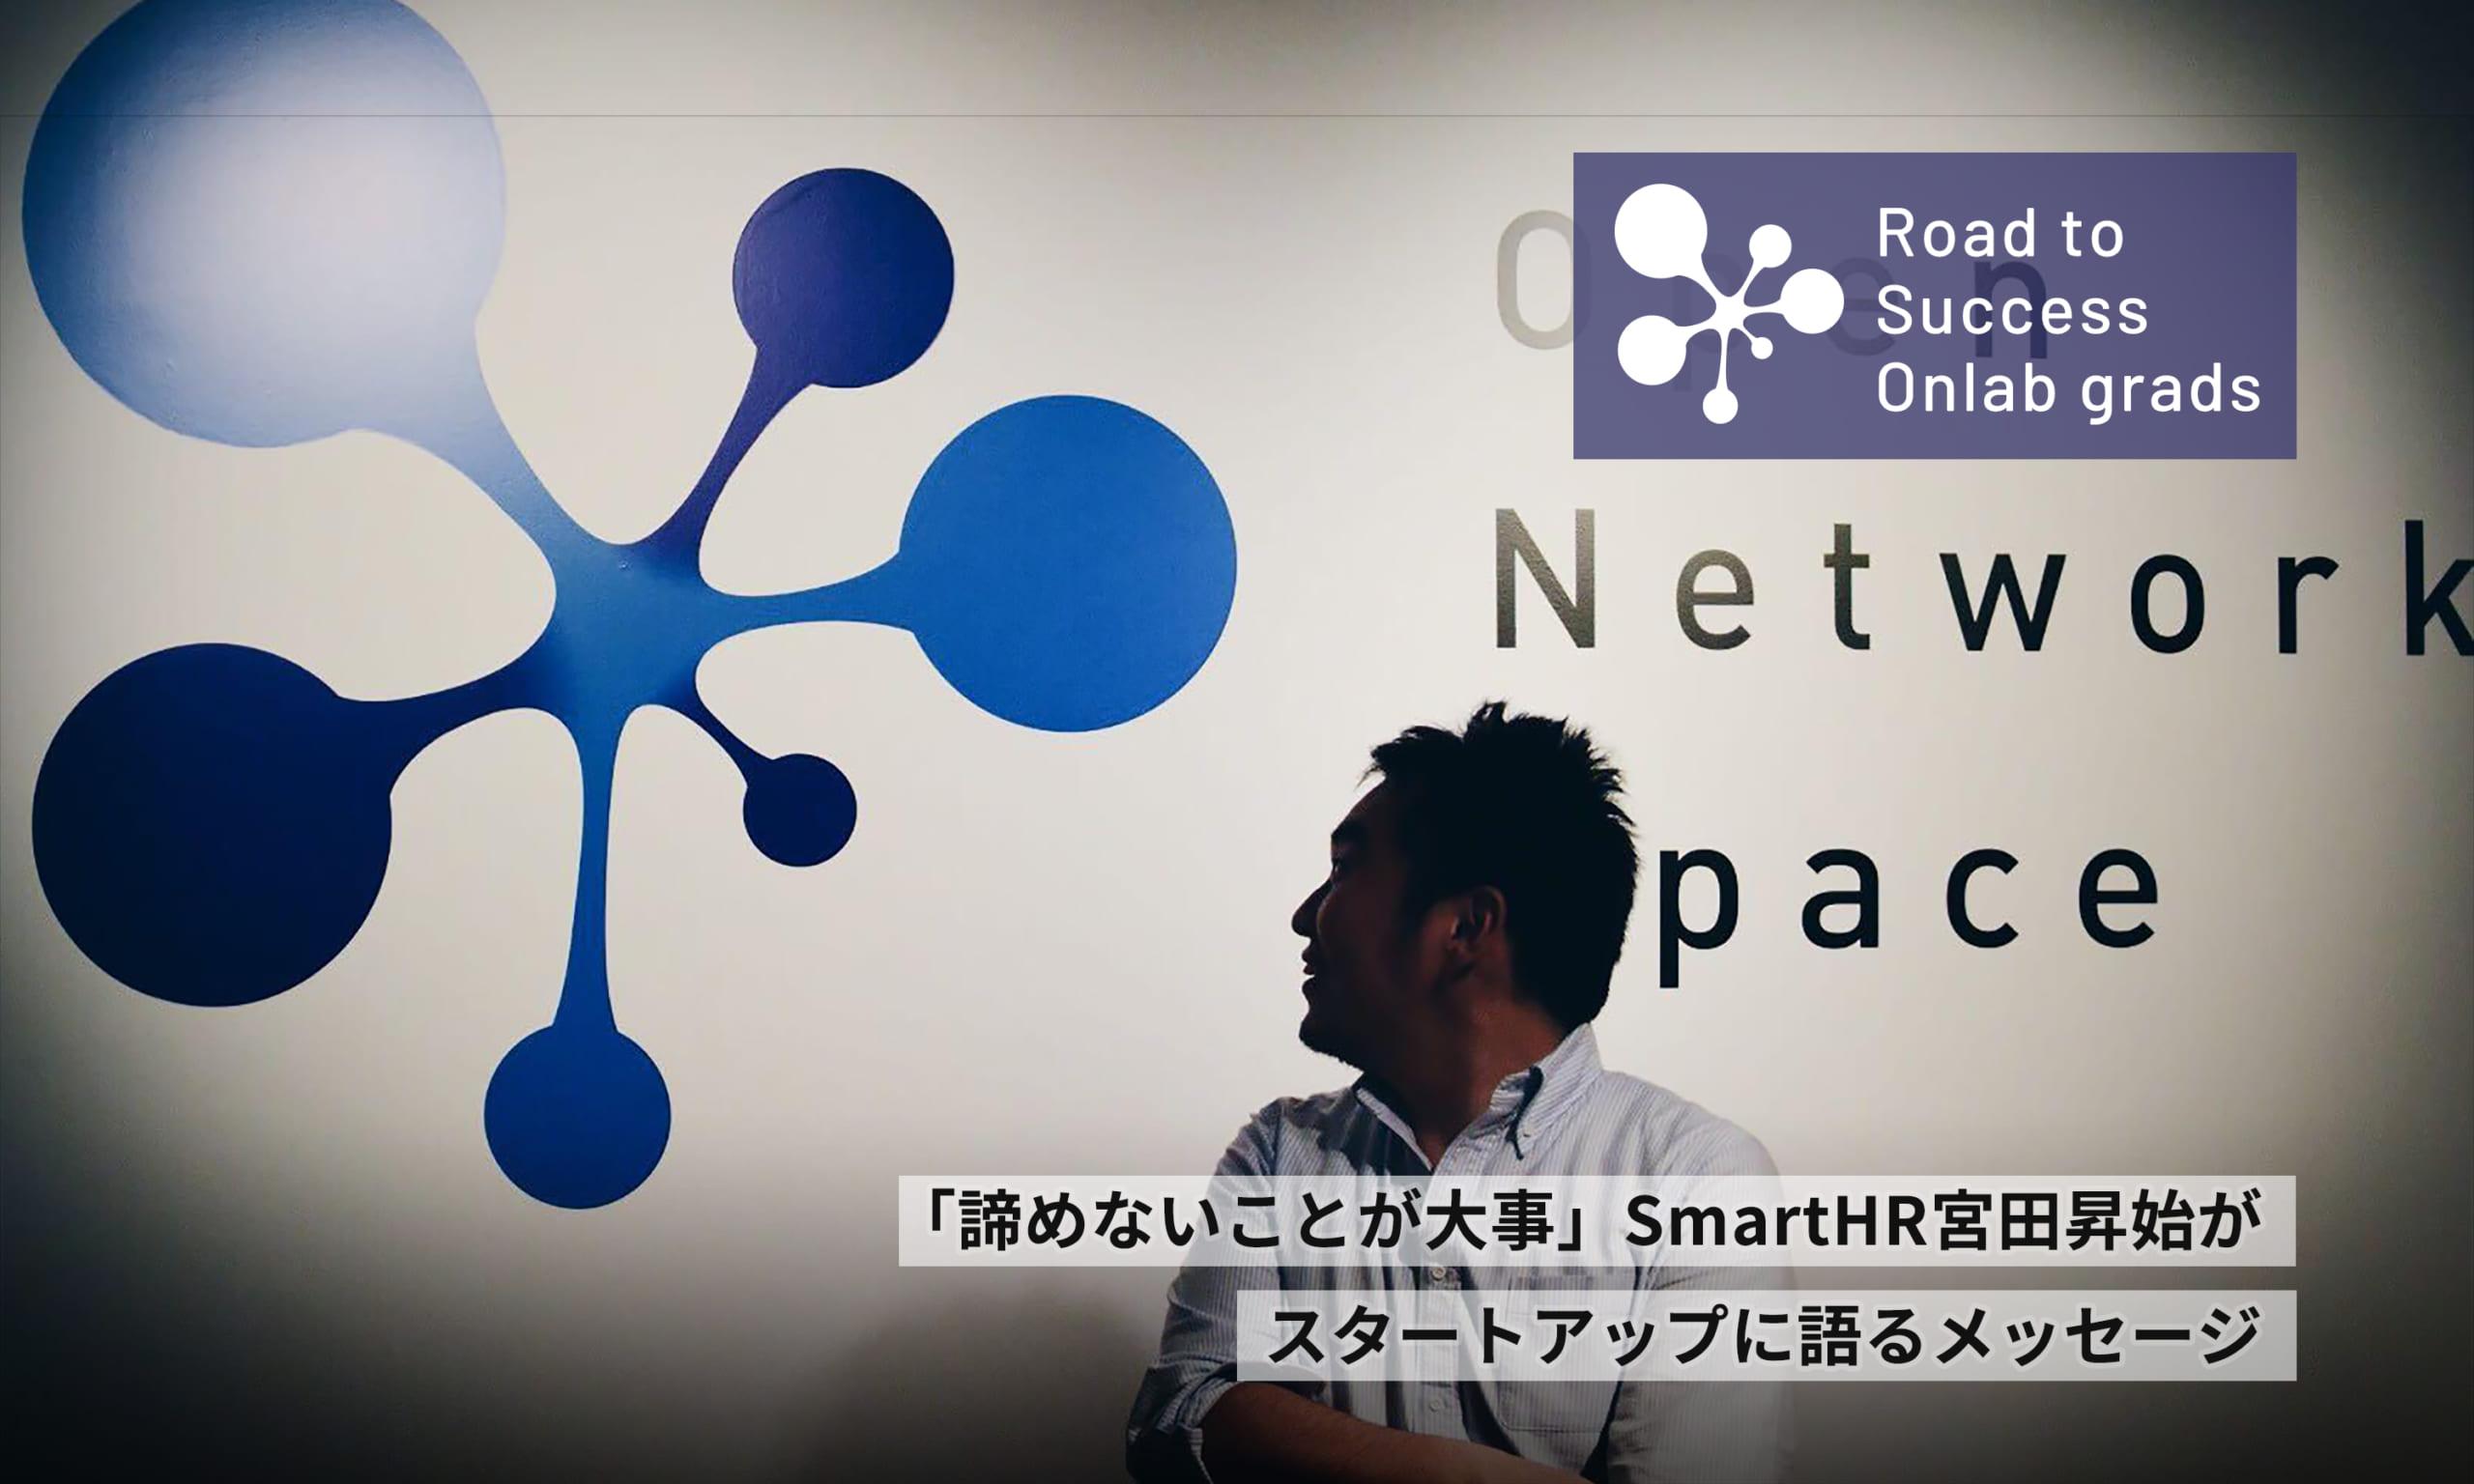 「諦めないことが大事」SmartHR宮田昇始がスタートアップに語るメッセージ|Road to Success Onlab grads vol.4